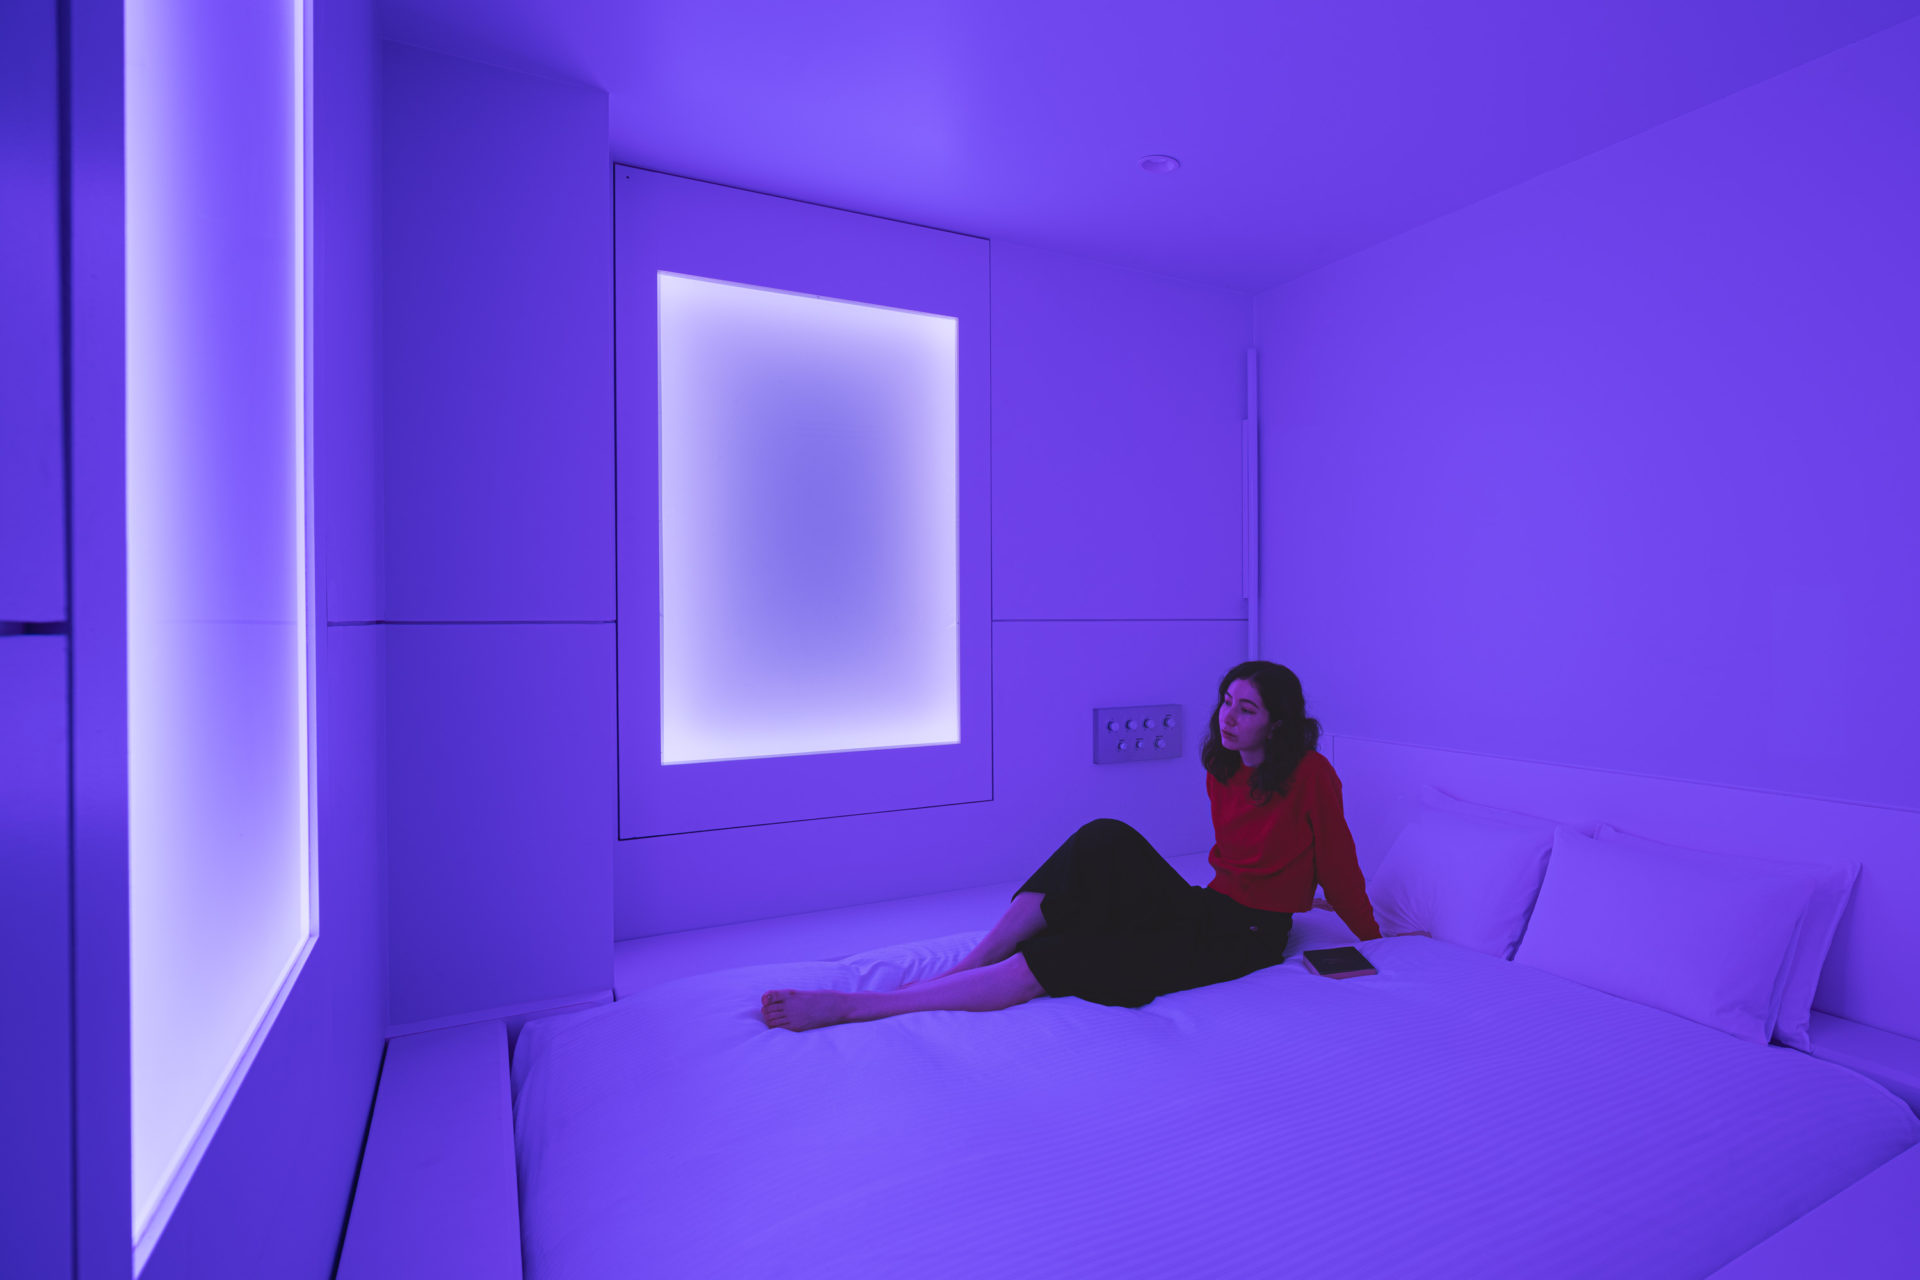 Hotel ou galeria de arte - Quarto Float, do hotel BnB Wall, localizado em Tóquio, Japão